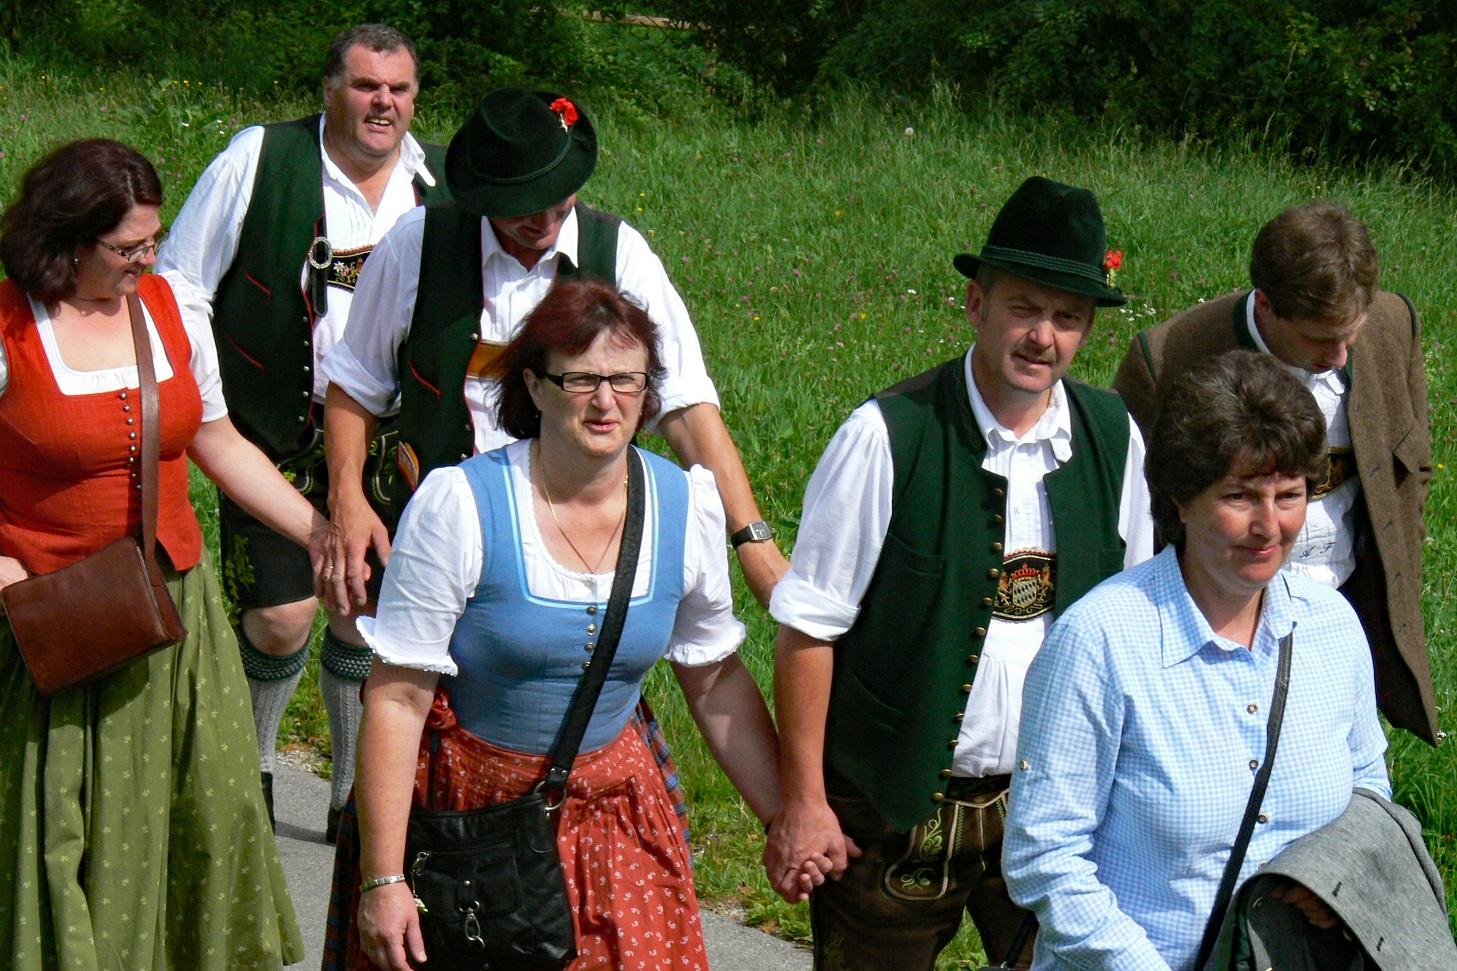 Schuetzenausflug_2011_Foto7